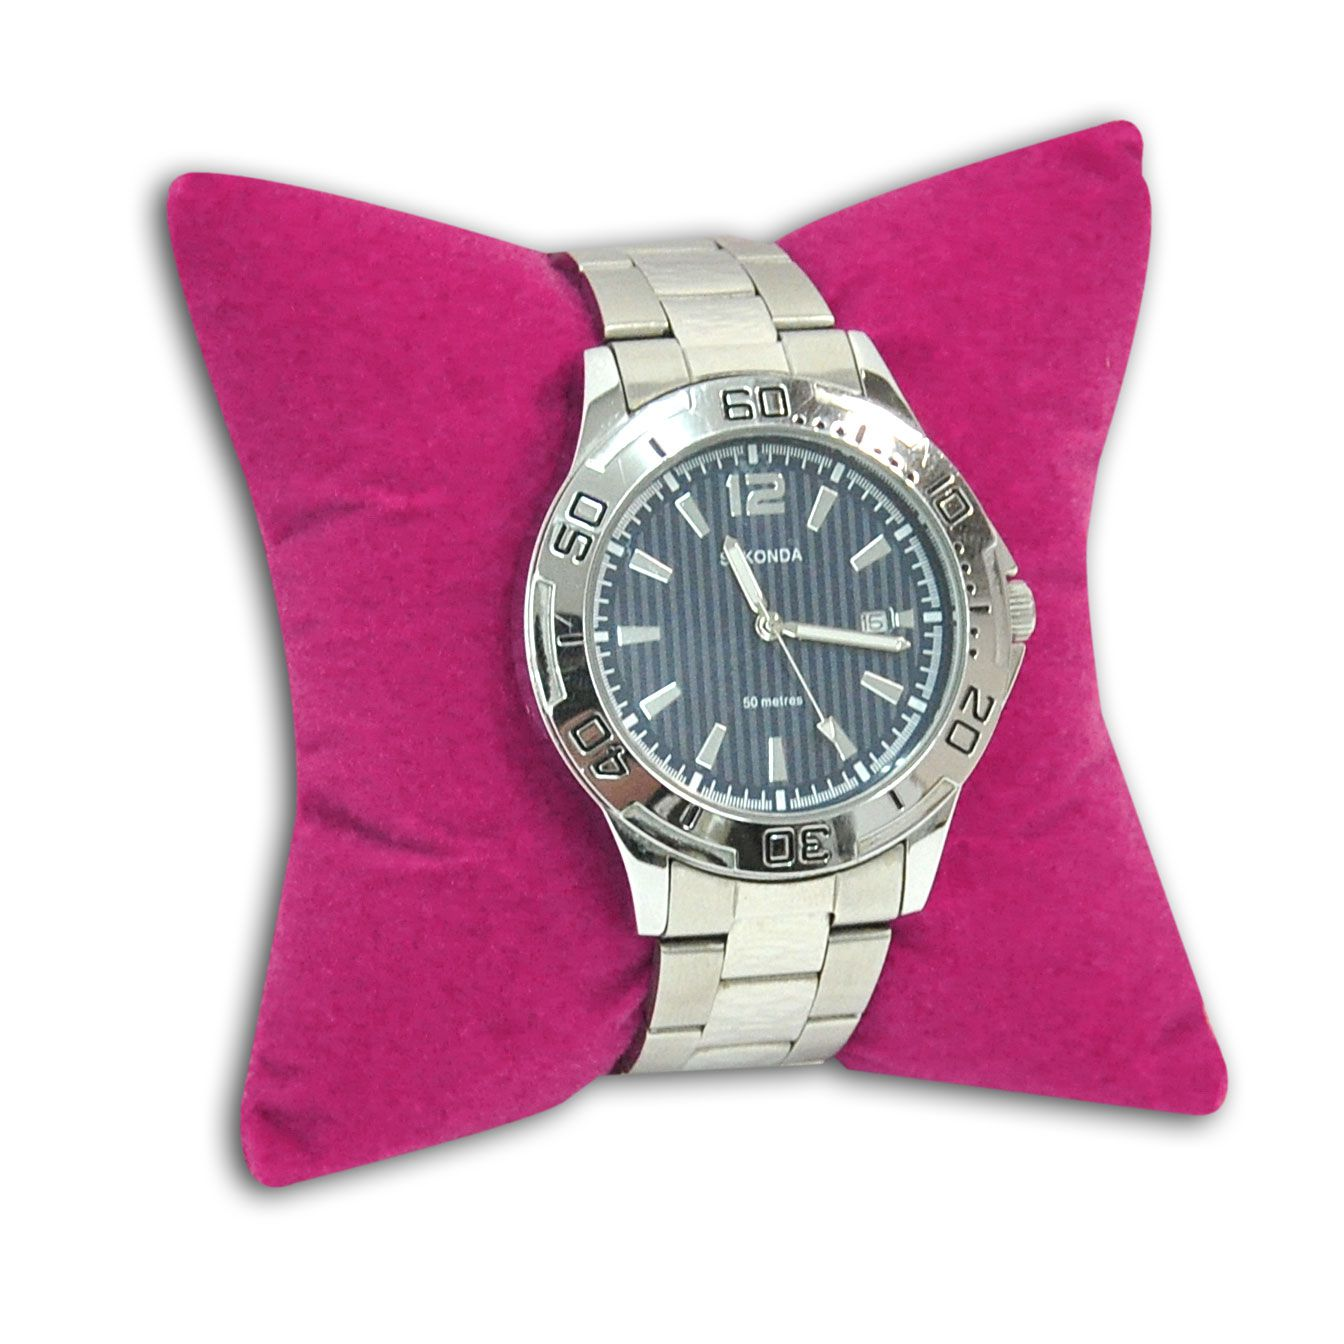 Almofada para pulseiras ou relógios em veludo pink